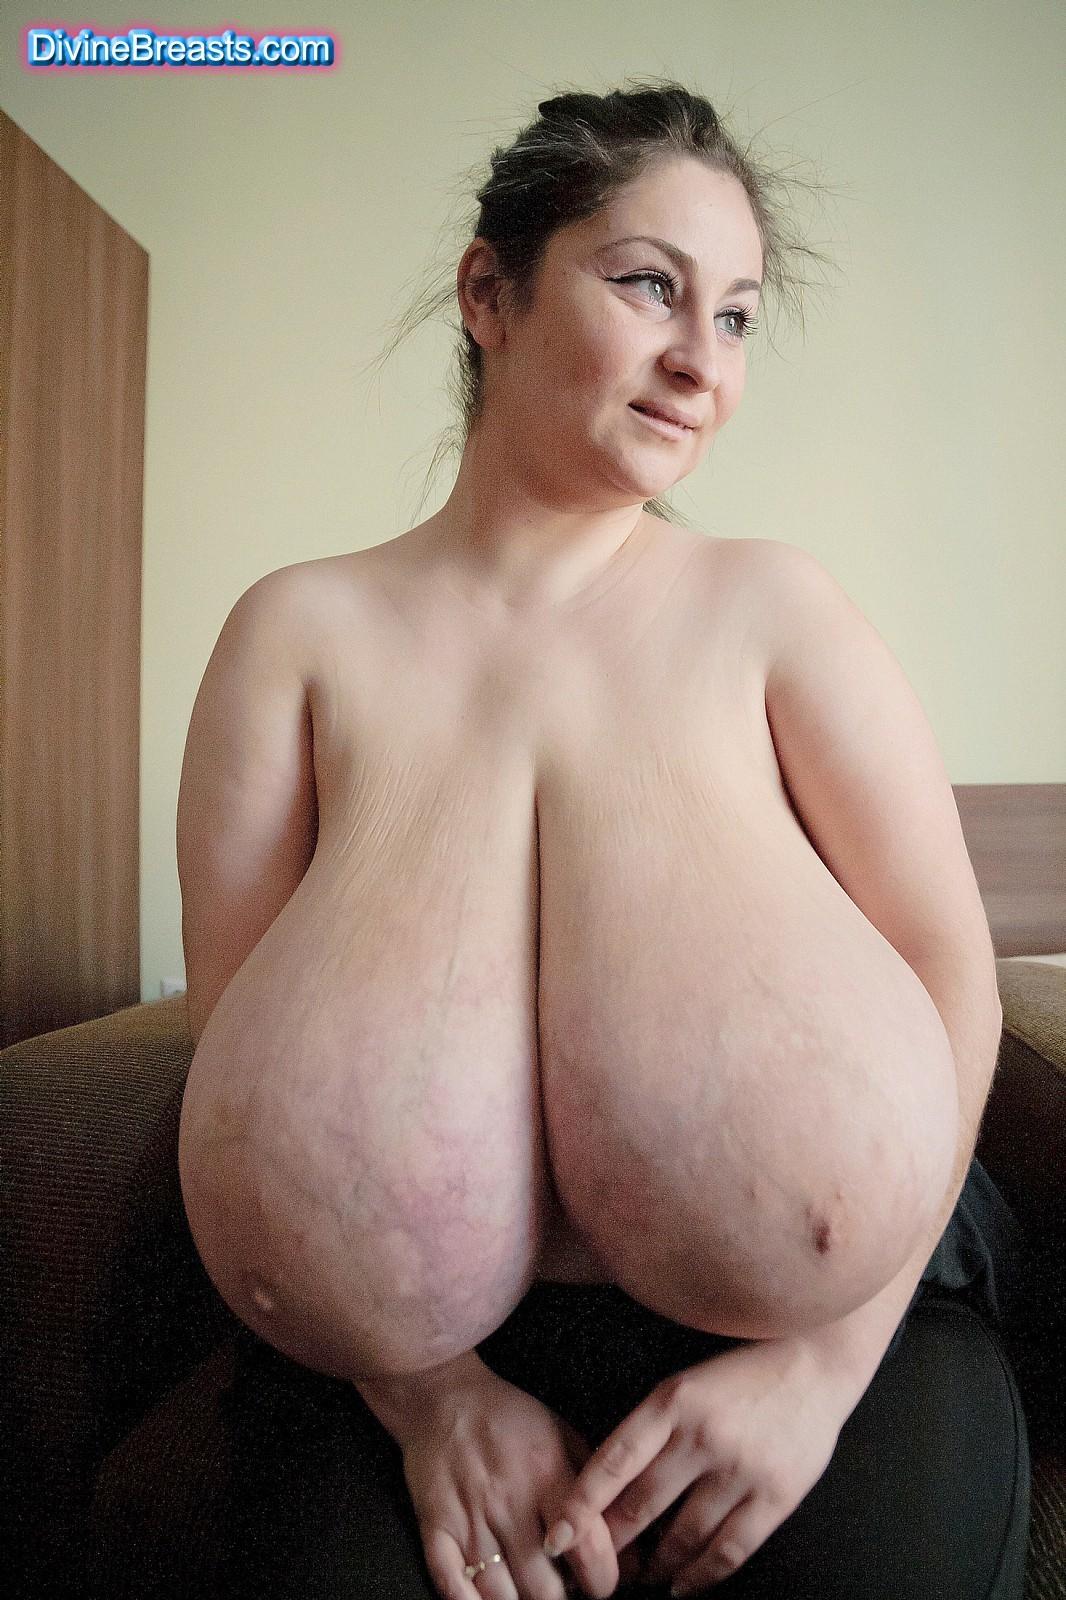 Порно с большими сиськами. Большие красивые сиськи